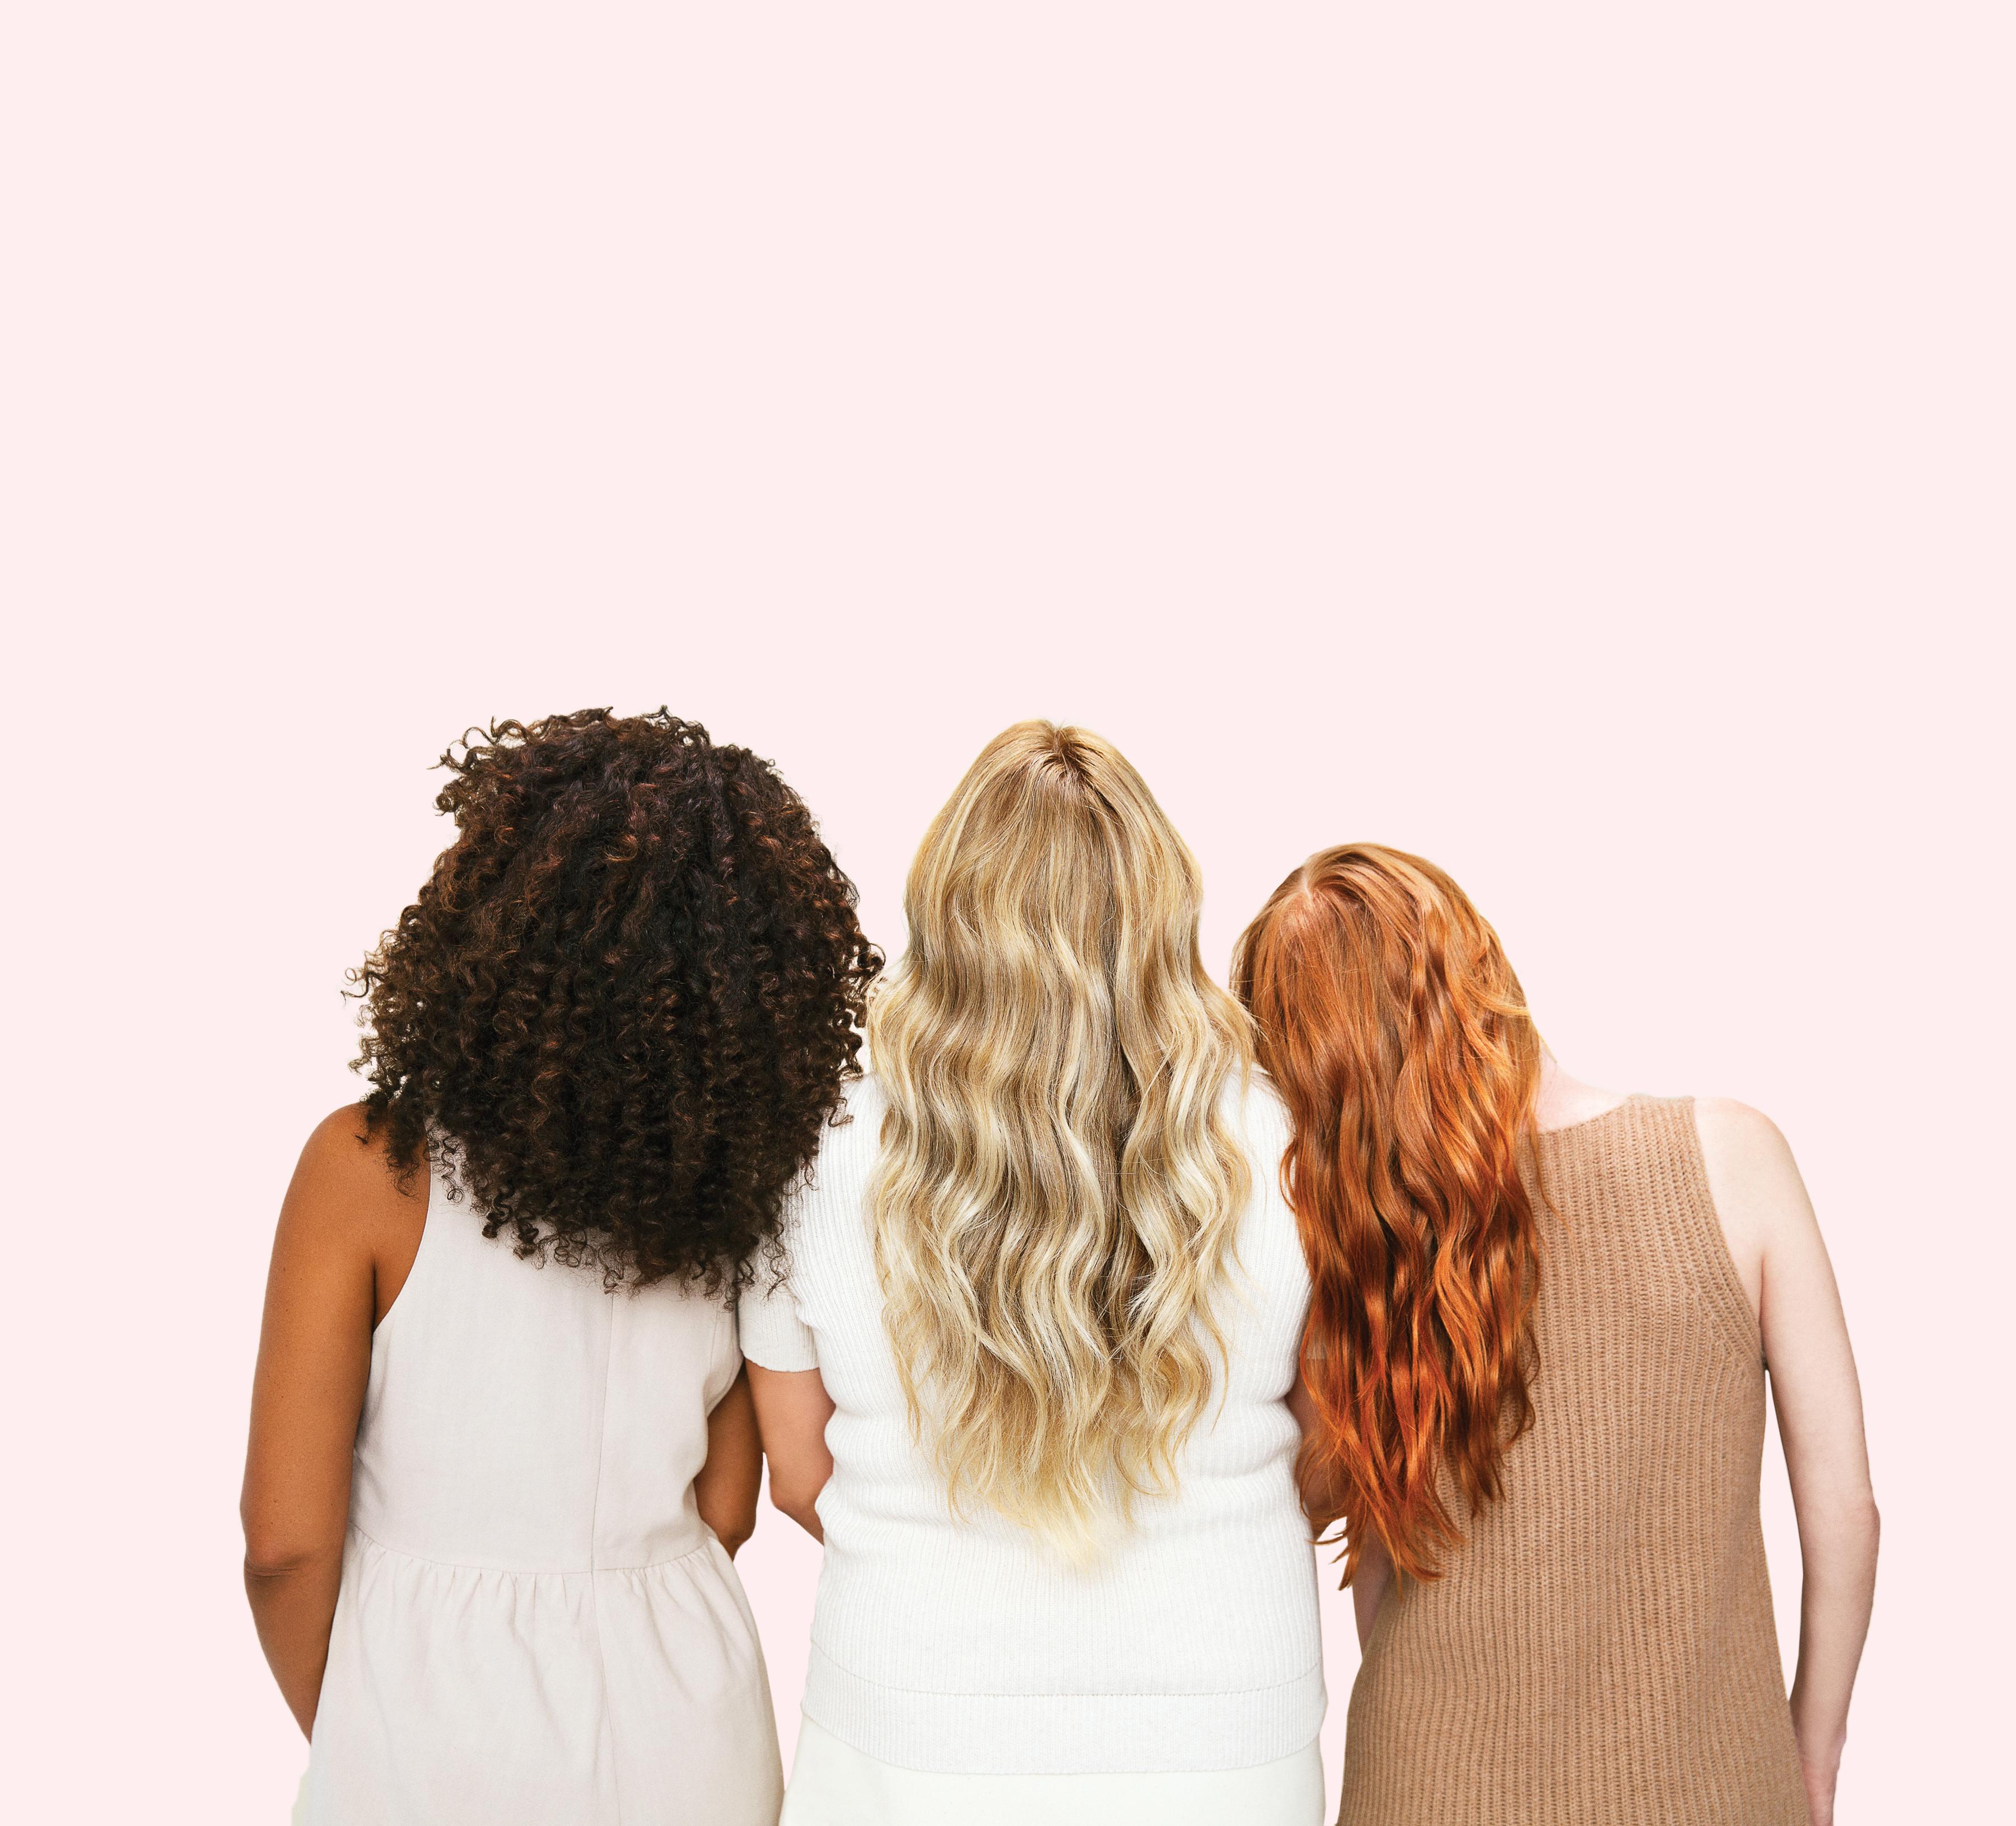 05 20170922 167 PinkBack - Colores  del Pelo que arrasarán en otoño 2020  según los expertos coloristas de eSalon